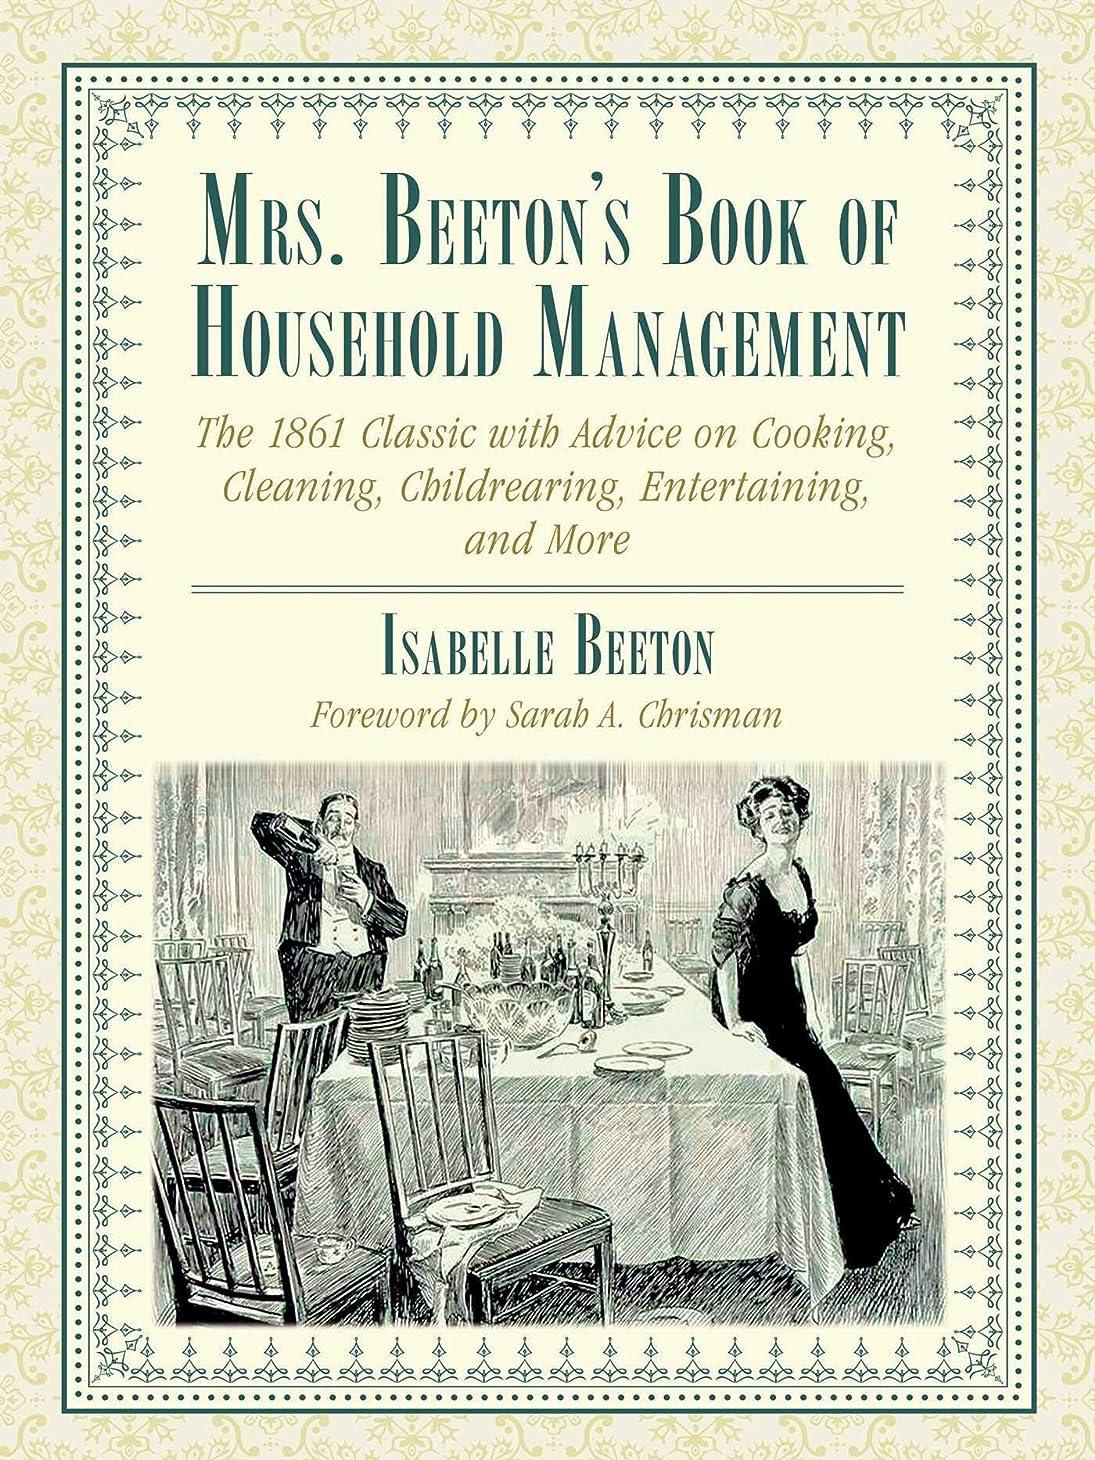 私たちのもの限り記念碑的なMrs. Beeton's Book of Household Management: The 1861 Classic with Advice on Cooking, Cleaning, Childrearing, Entertaining, and More (English Edition)